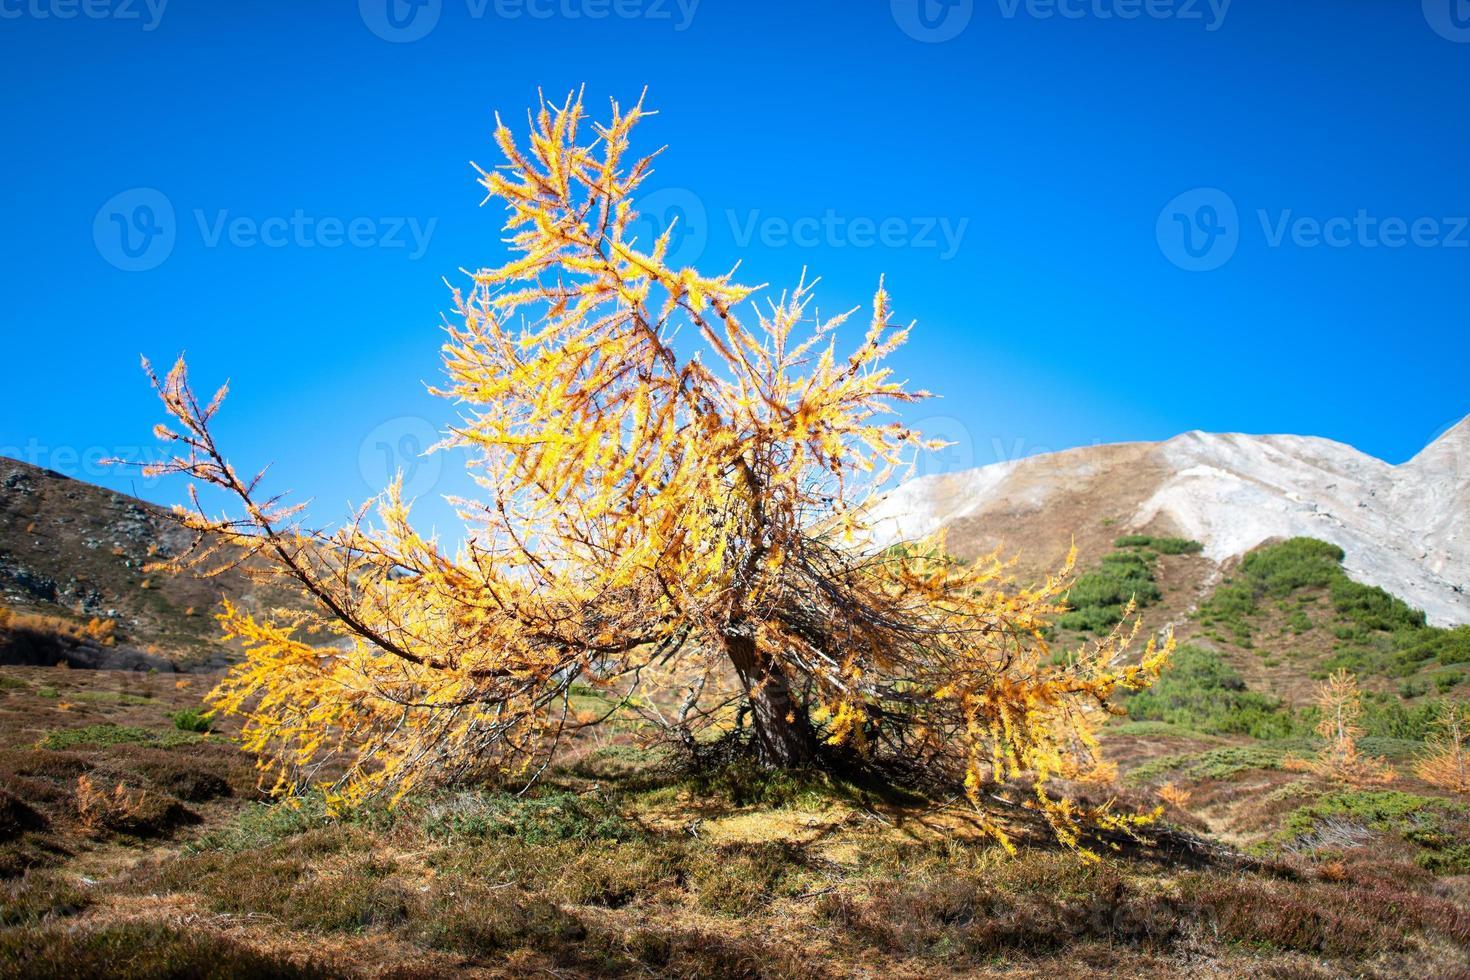 kleine Lärchenpflanze in den Herbstbergen foto